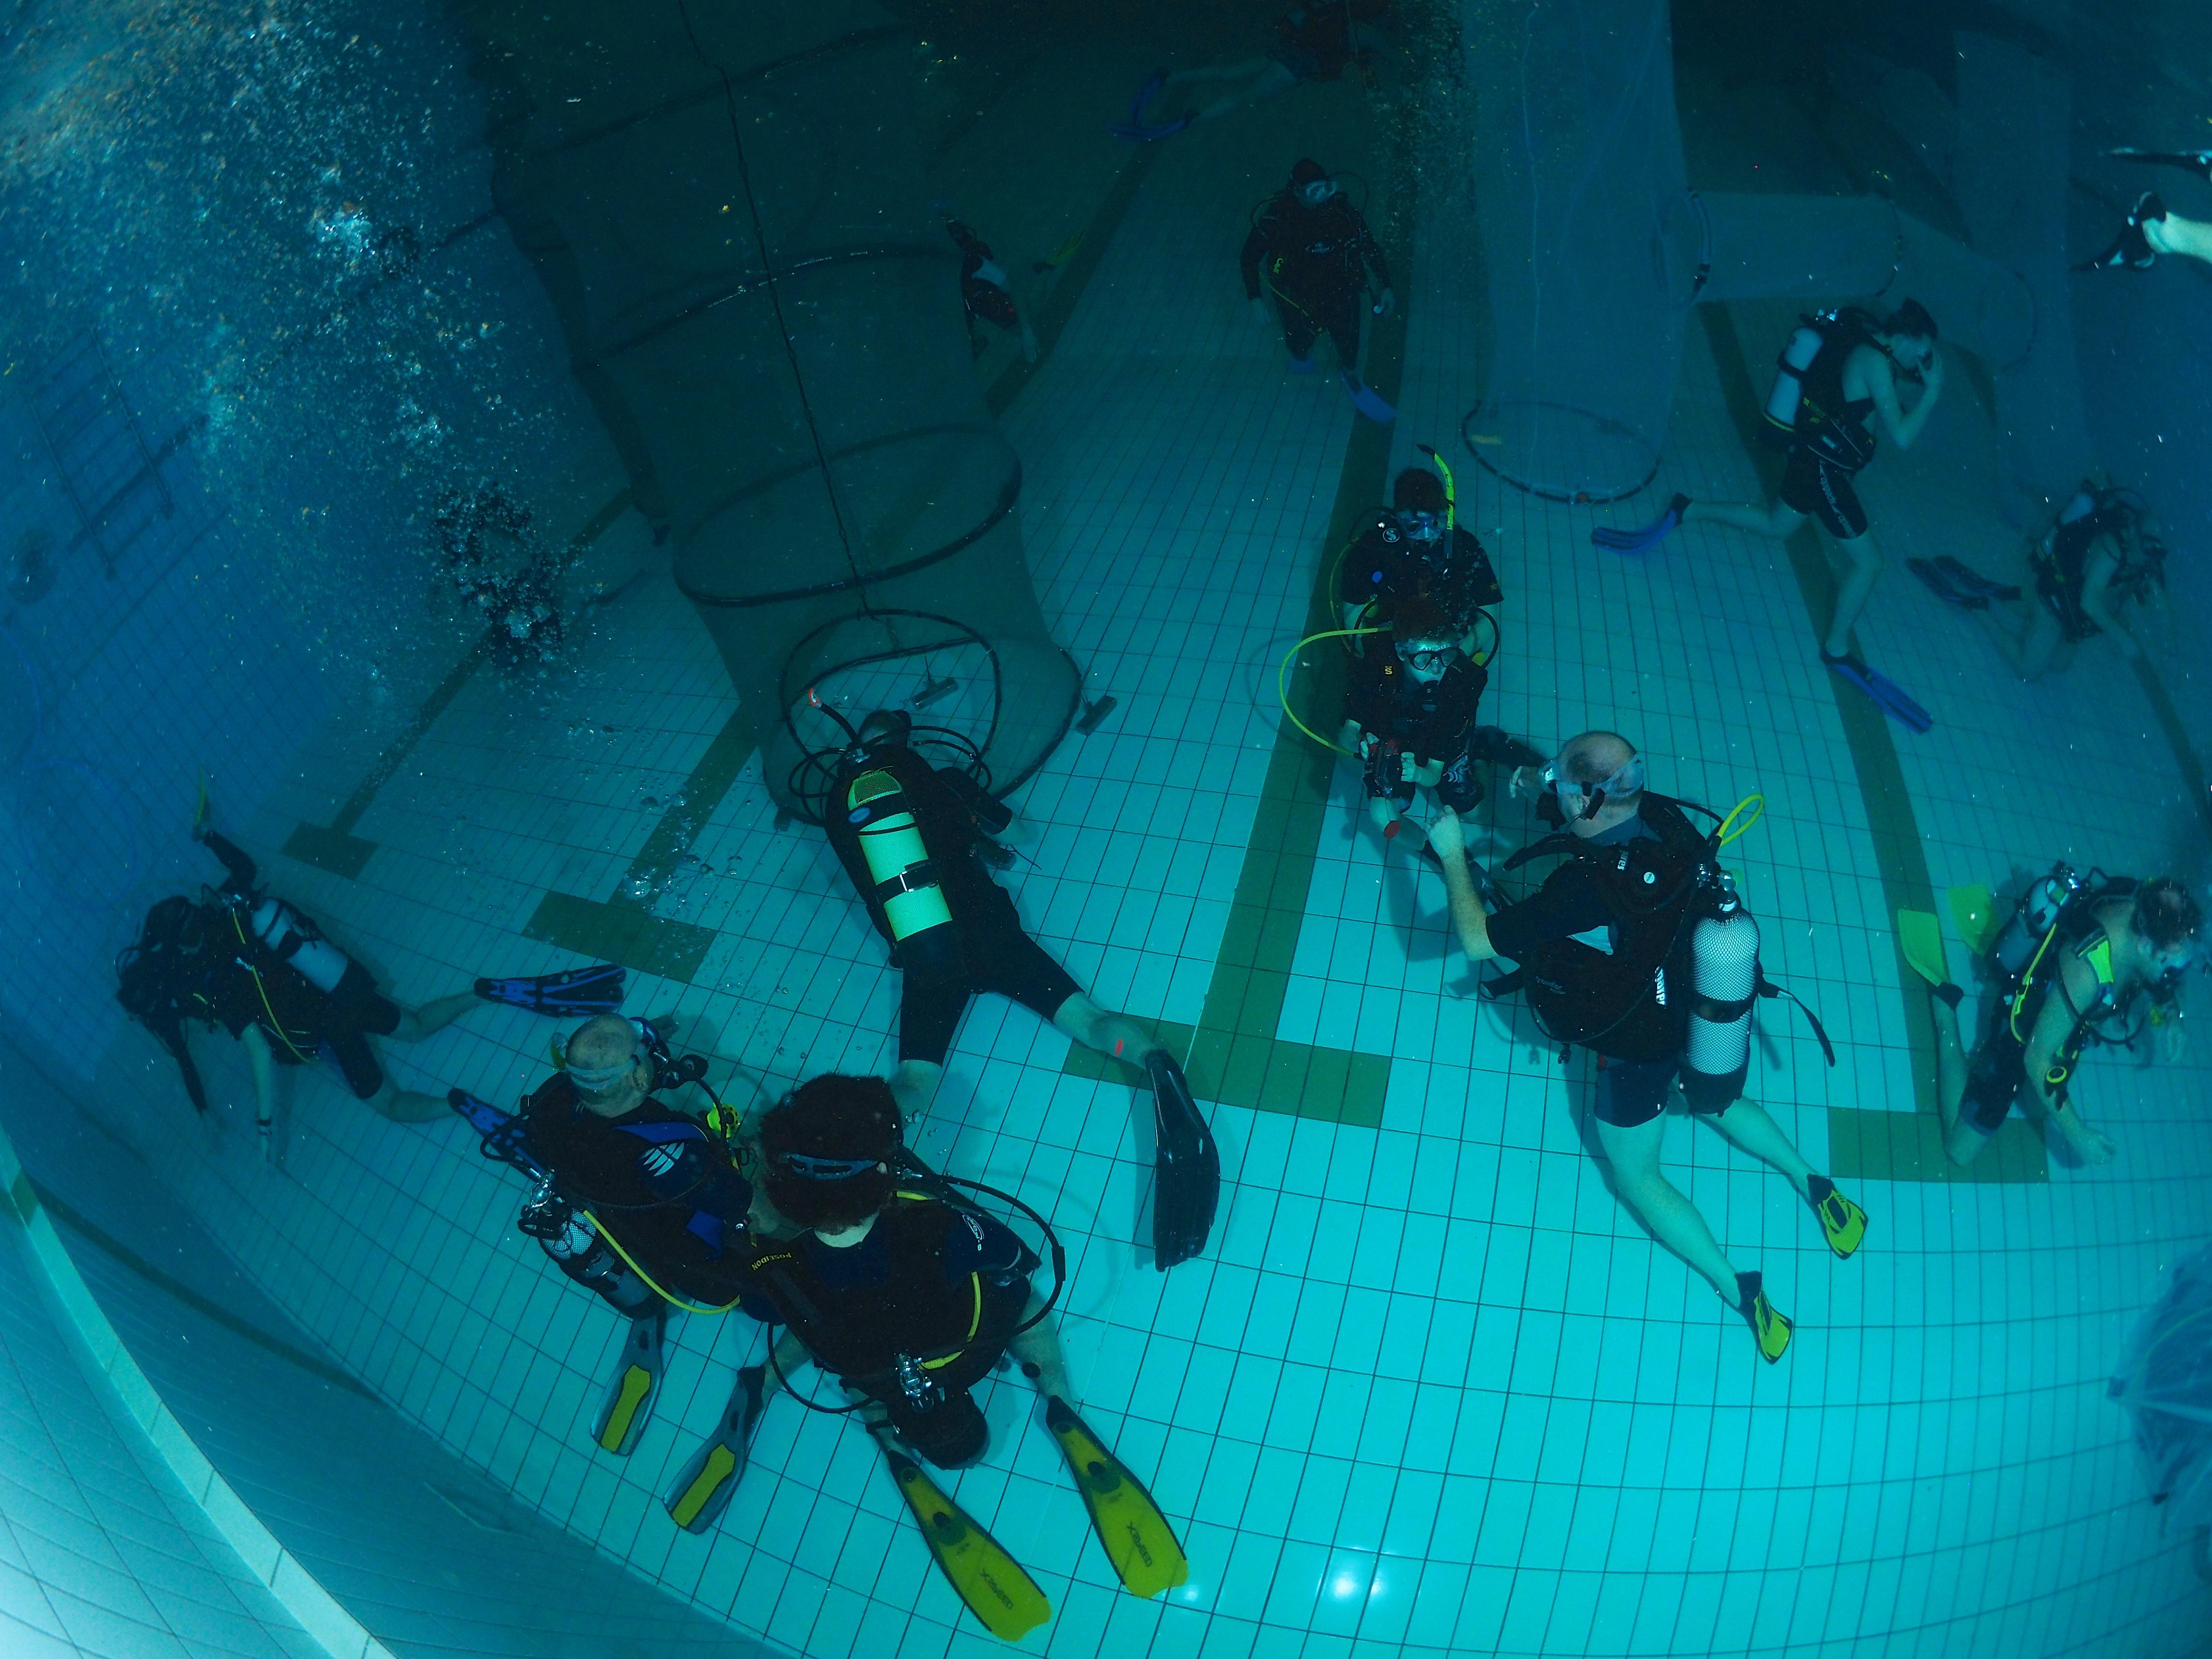 Train met ons mee in het zwembad